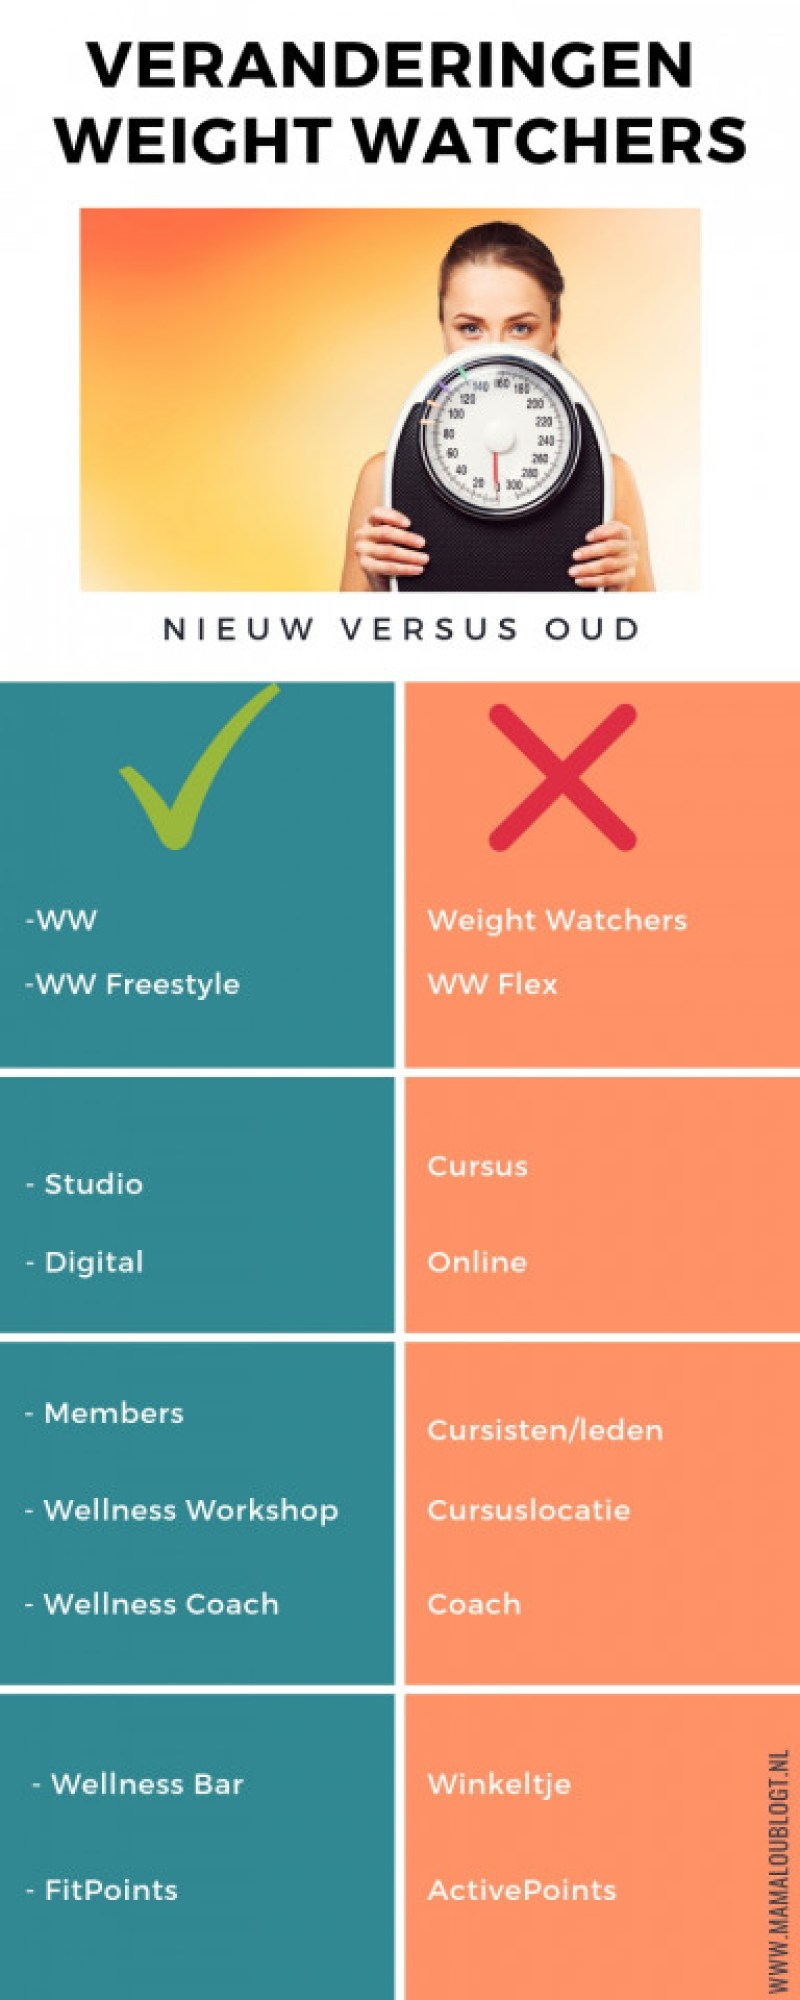 infographic veranderingen bij Weight Watchers